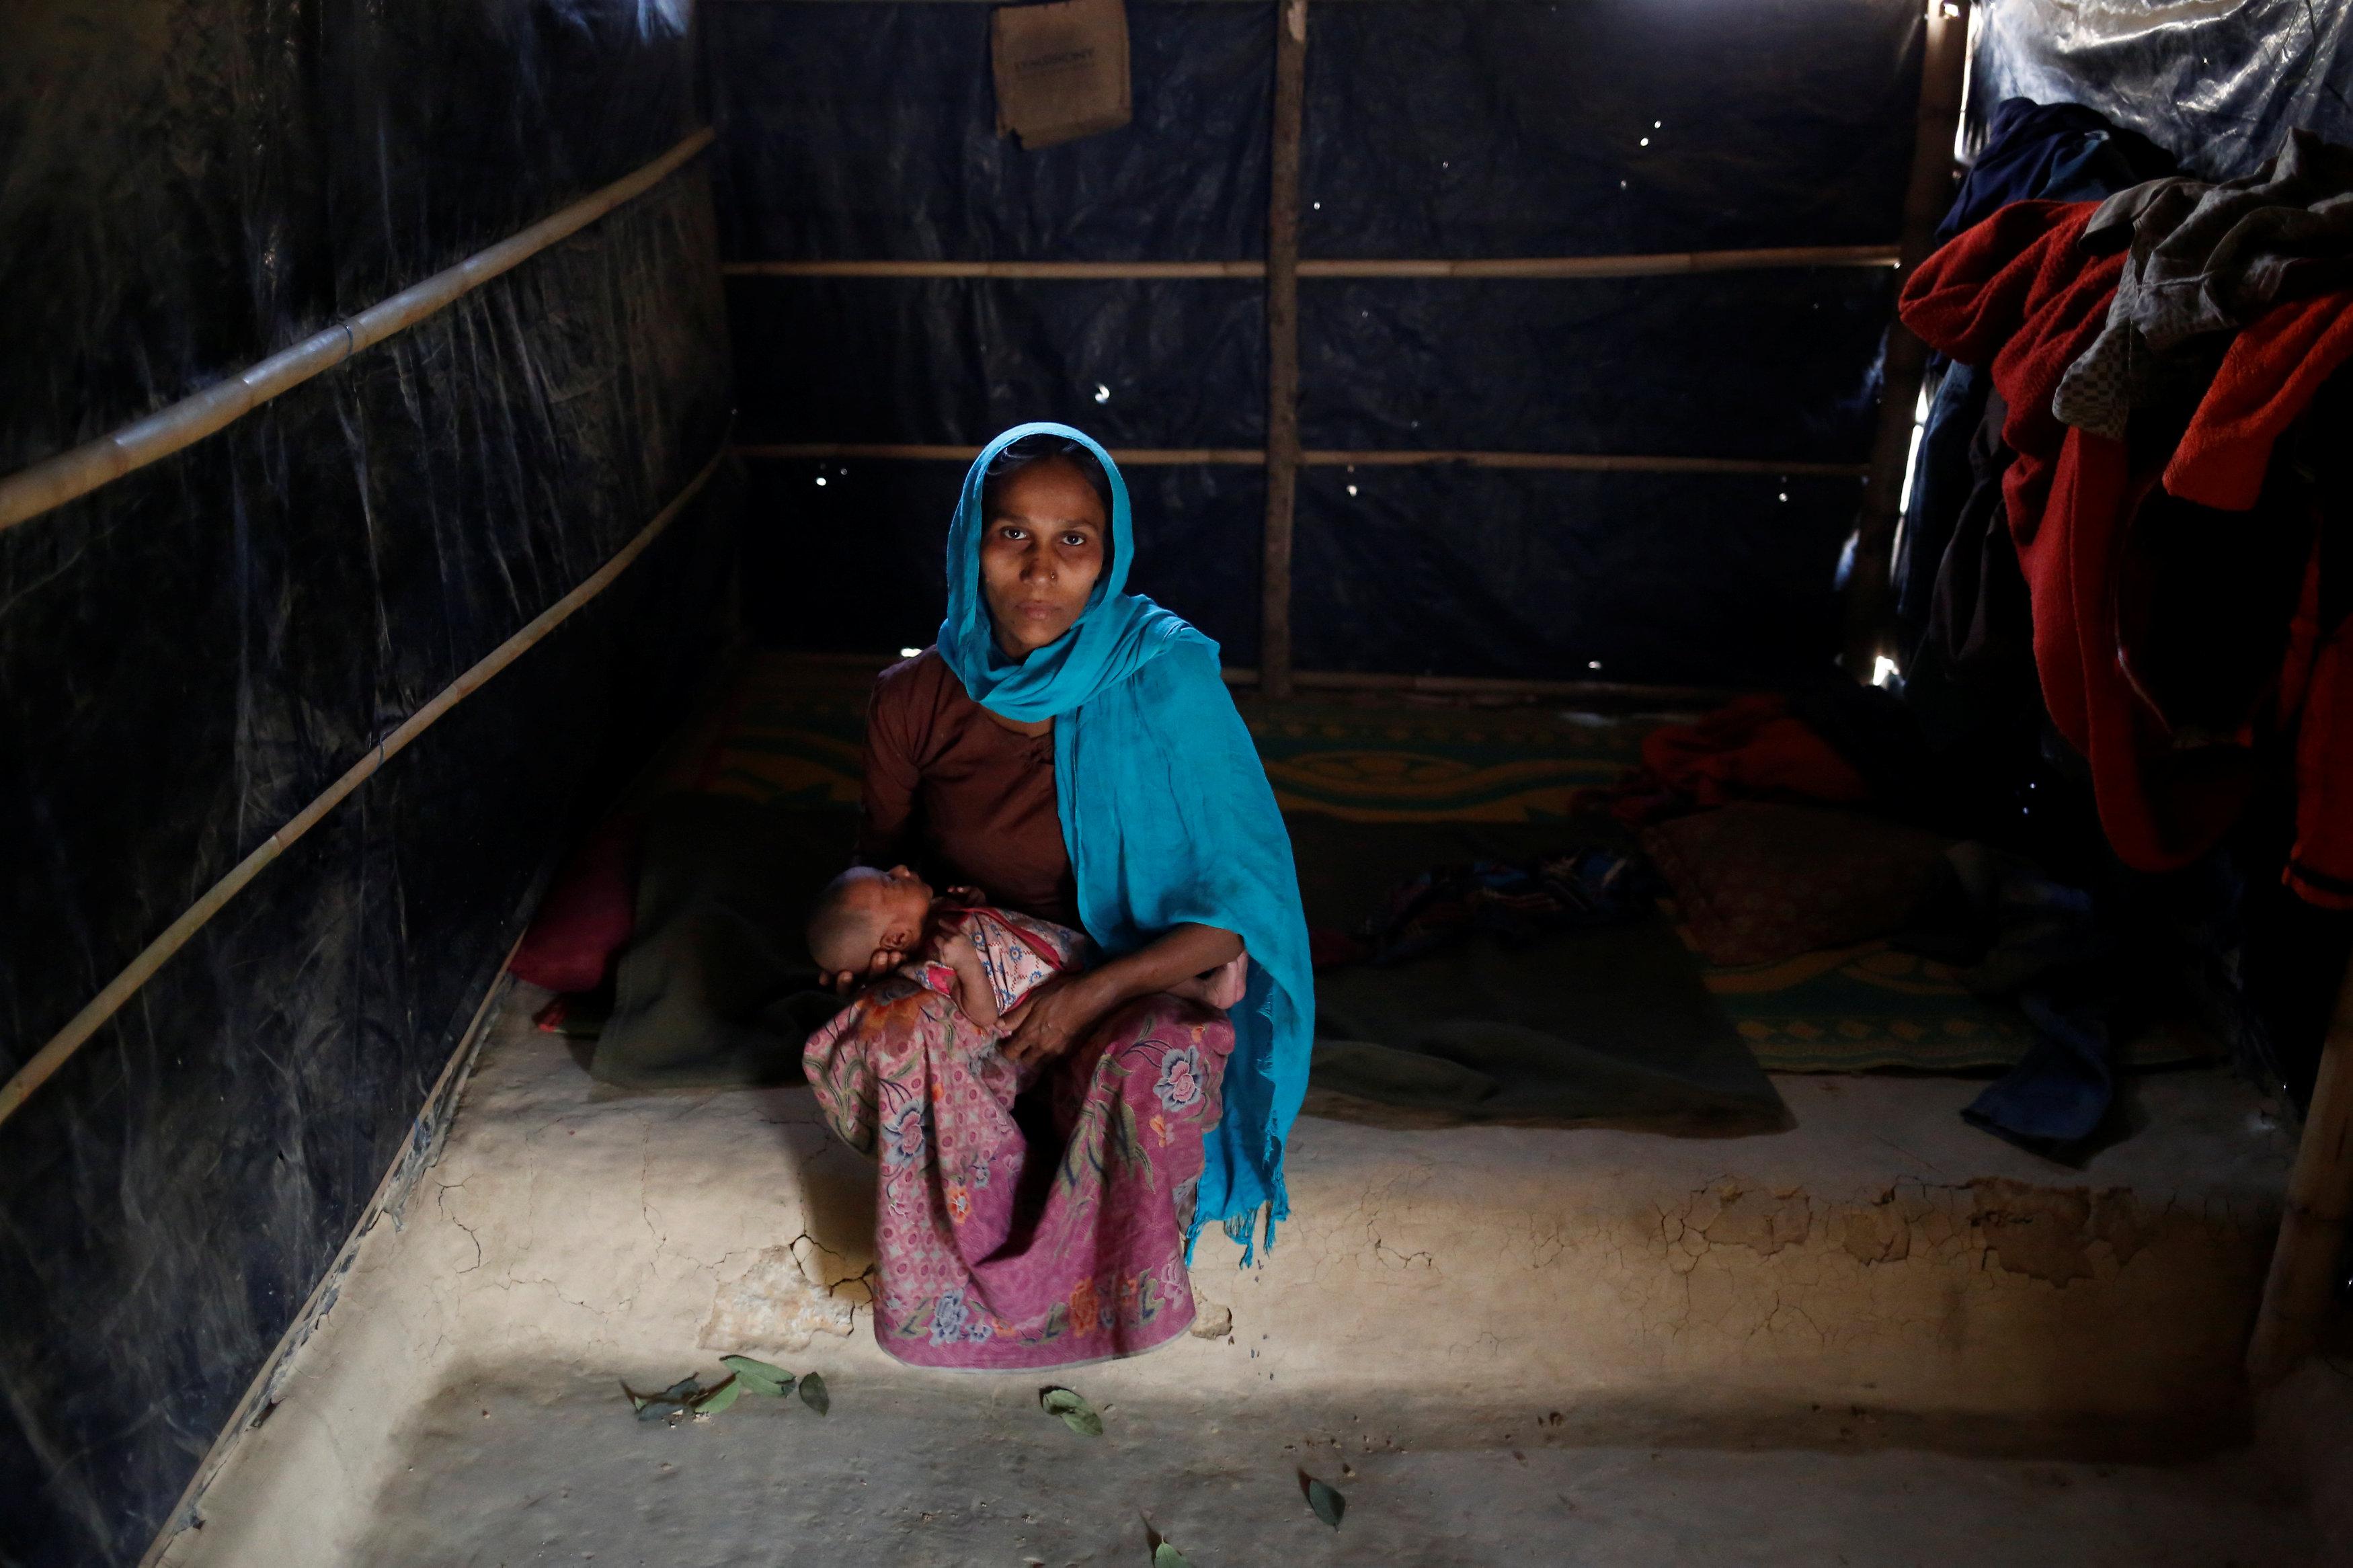 سيدة من مسلمى الروهينجا داخل مخيم للاجئين